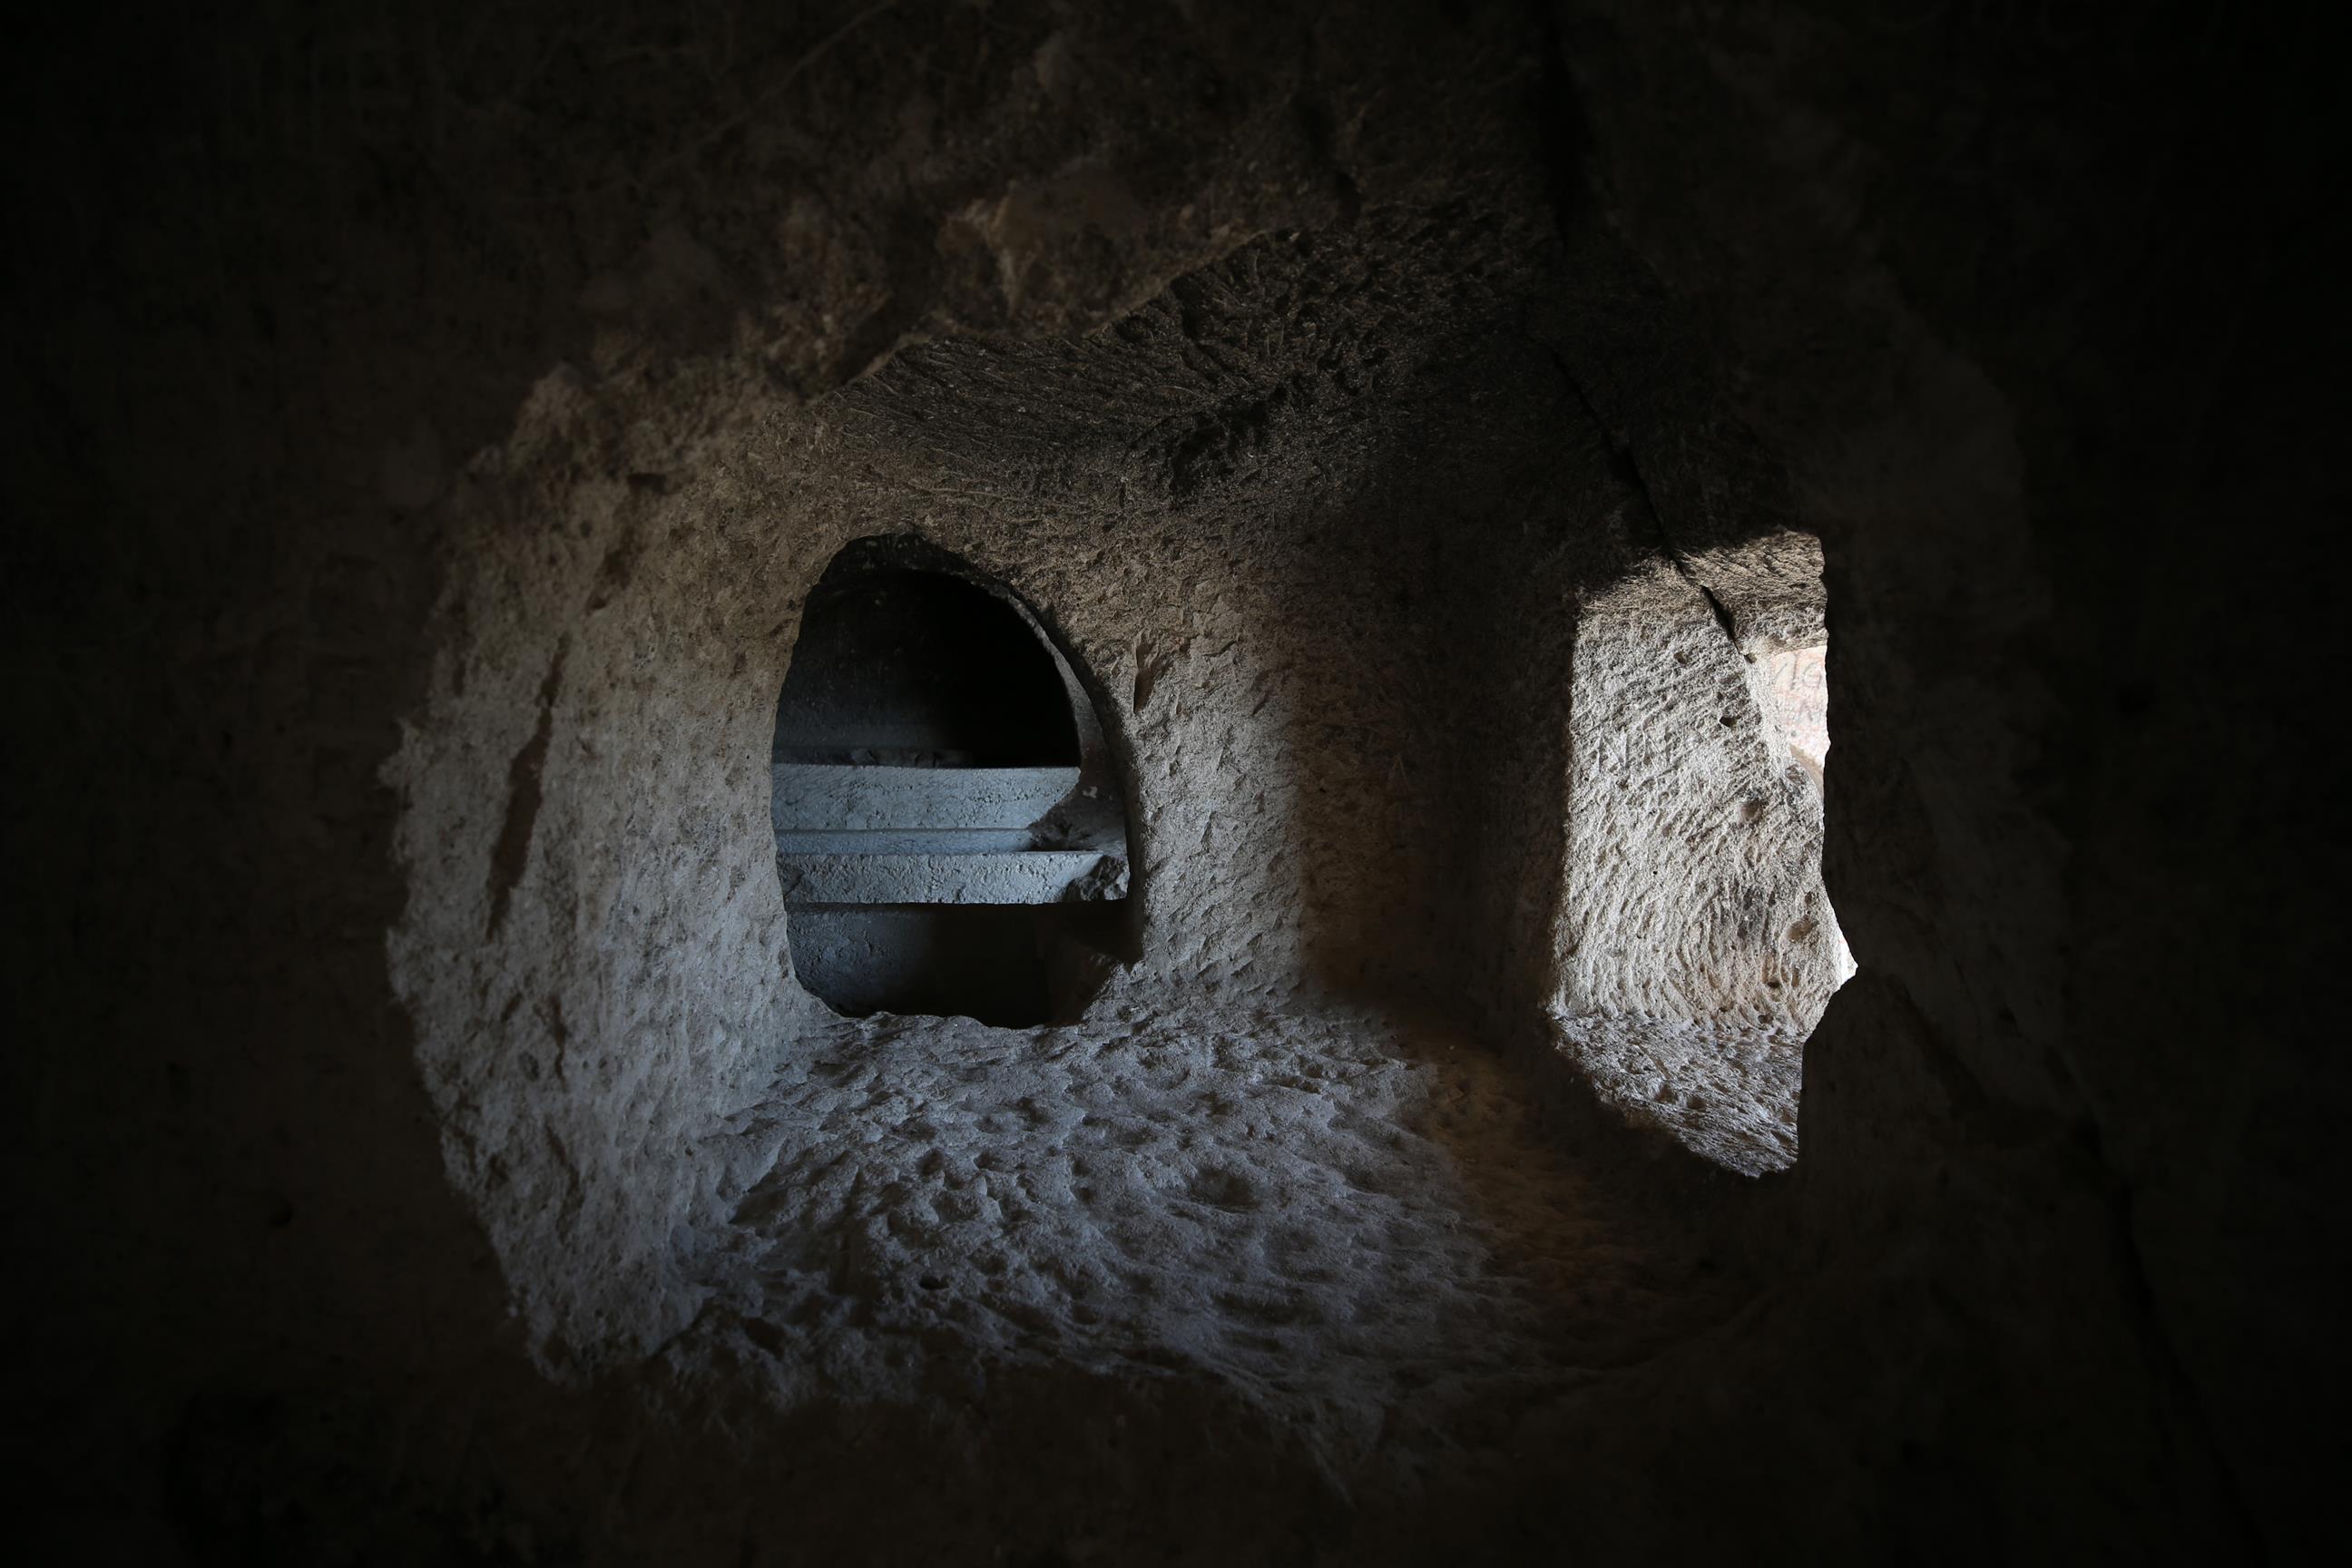 Kültür ve Turizm Bakanlığı, yaklaşık 3 bin yıllık geçmişe sahip